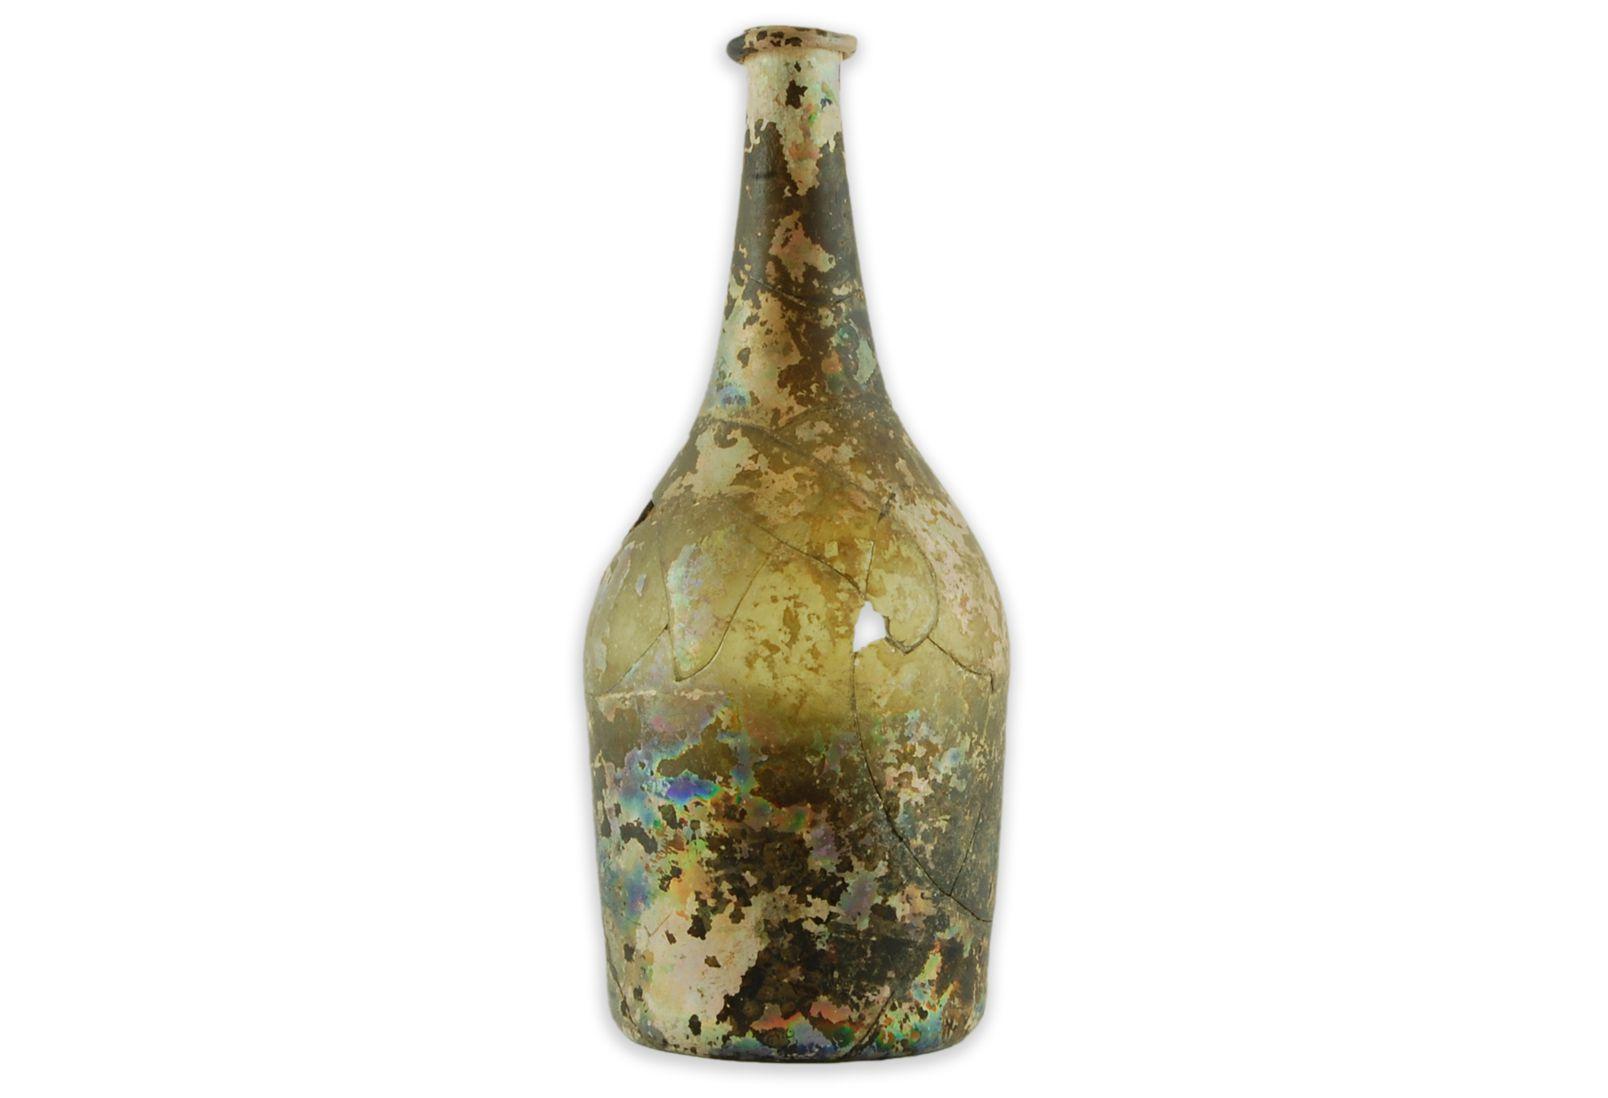 Bouteille en forme de «pot à fleurs»MCC/LRAQ, photo: Joanie-April GauthierCour intérieure de la maison Le Picart. Vers 1725-1760Verre transparent vert foncé, France. Les habitants de la Nouvelle-France sont amateurs de bons vins. Ceux qui en ont les moyens n'hésitent pas à se procurer les meilleurs crus de France. Lors des repas, le vin est servi dans une carafe ou directement dans la bouteille.